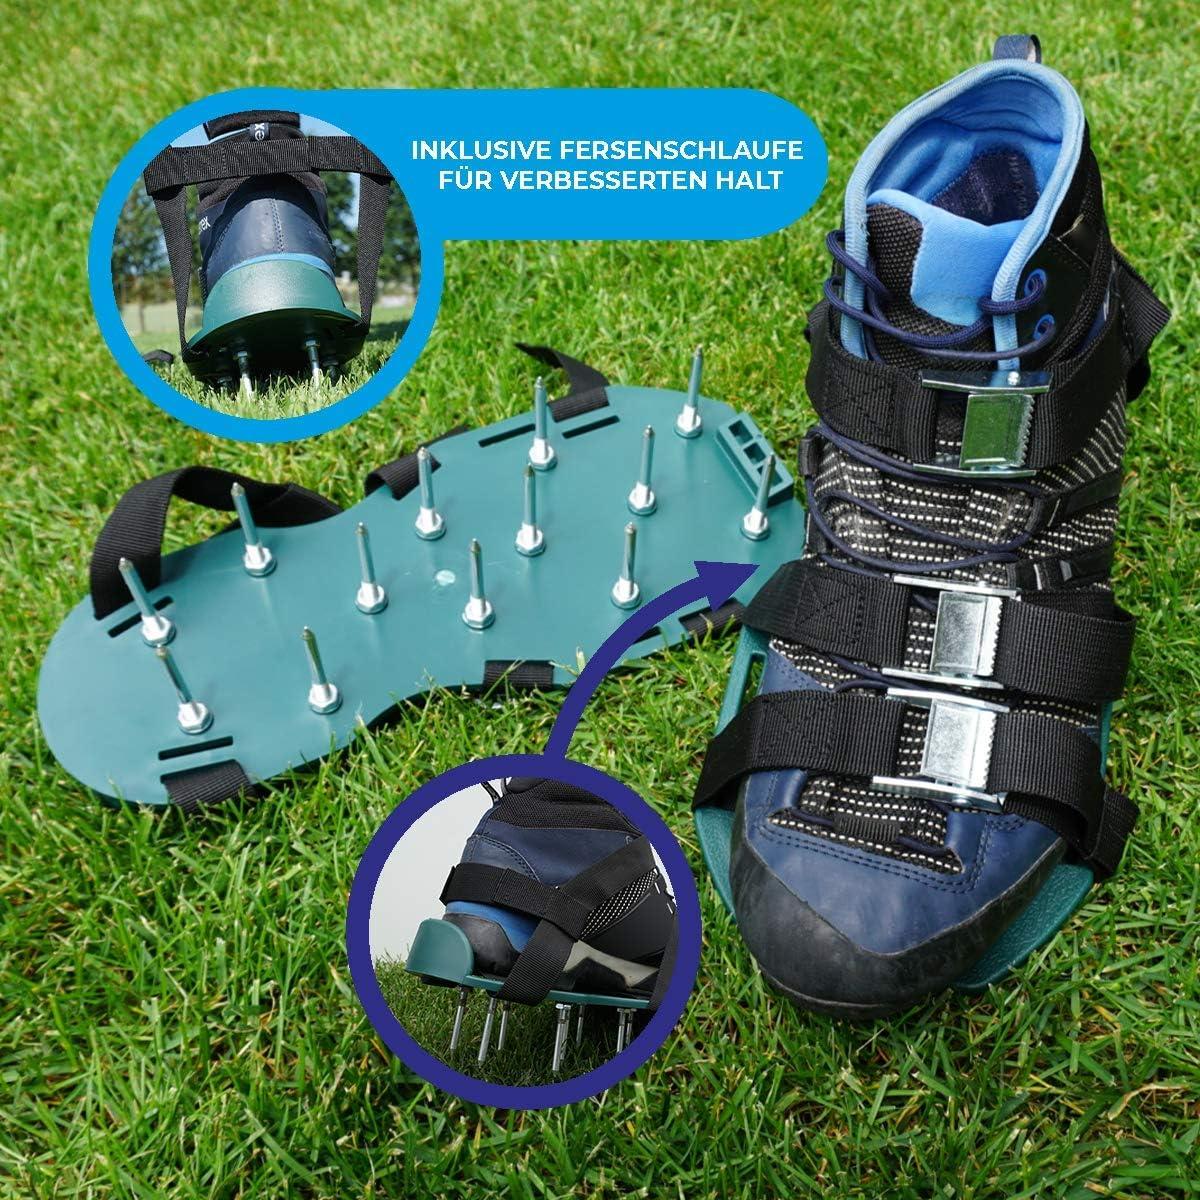 Keepa - Zapatillas de escarificación para césped con clavos inoxidables y 4 correas tensoras incluidas en el talón